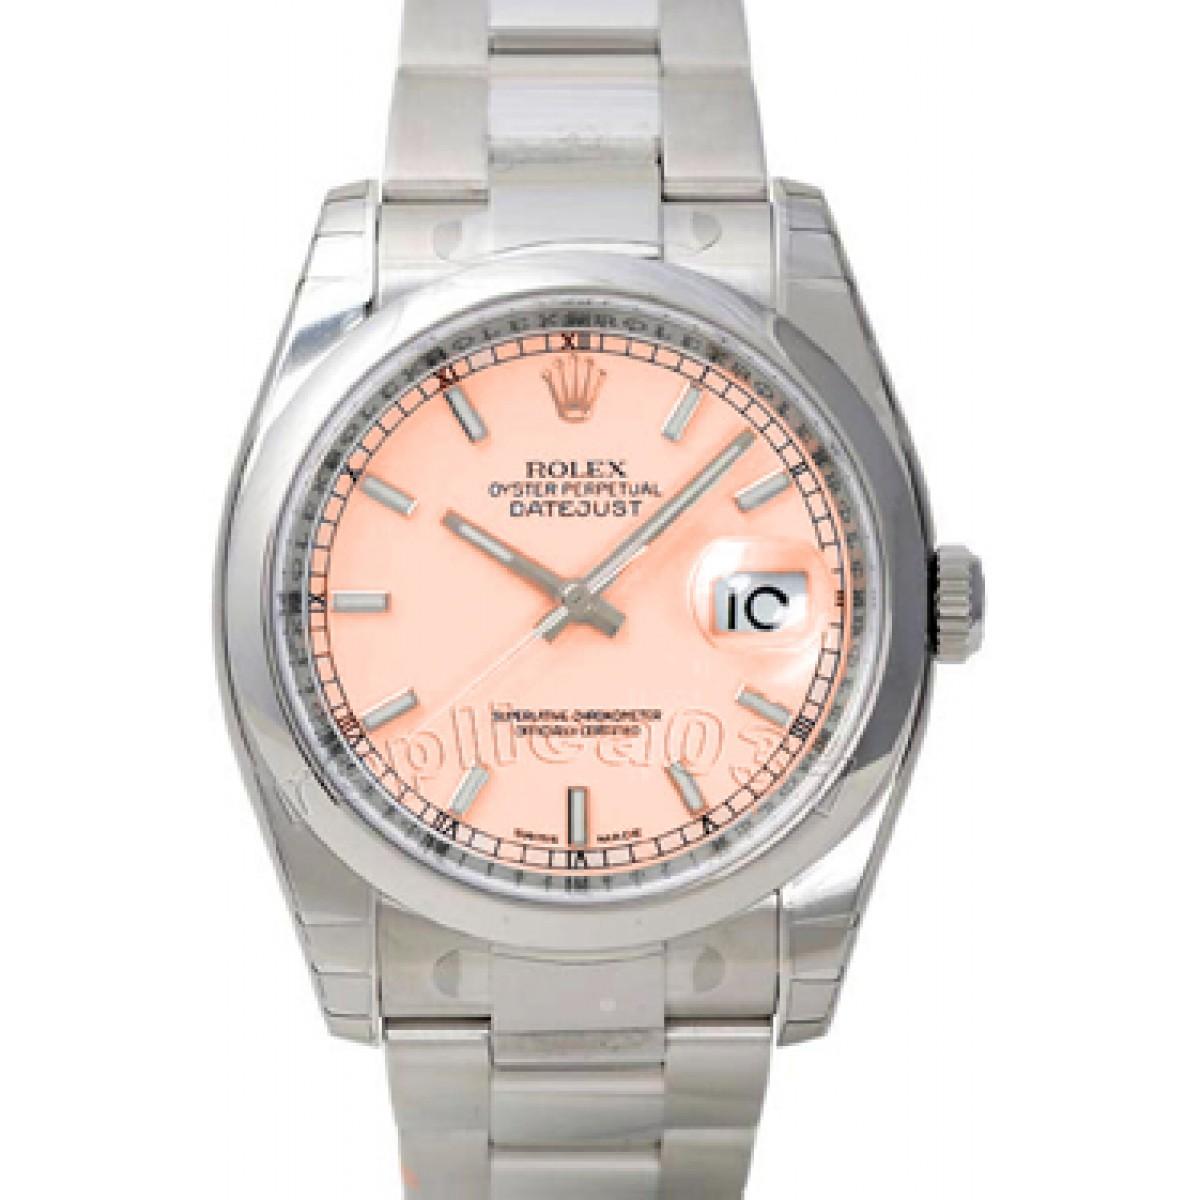 ff663791ec6 Relógio Réplica Rolex DateJust Salmão